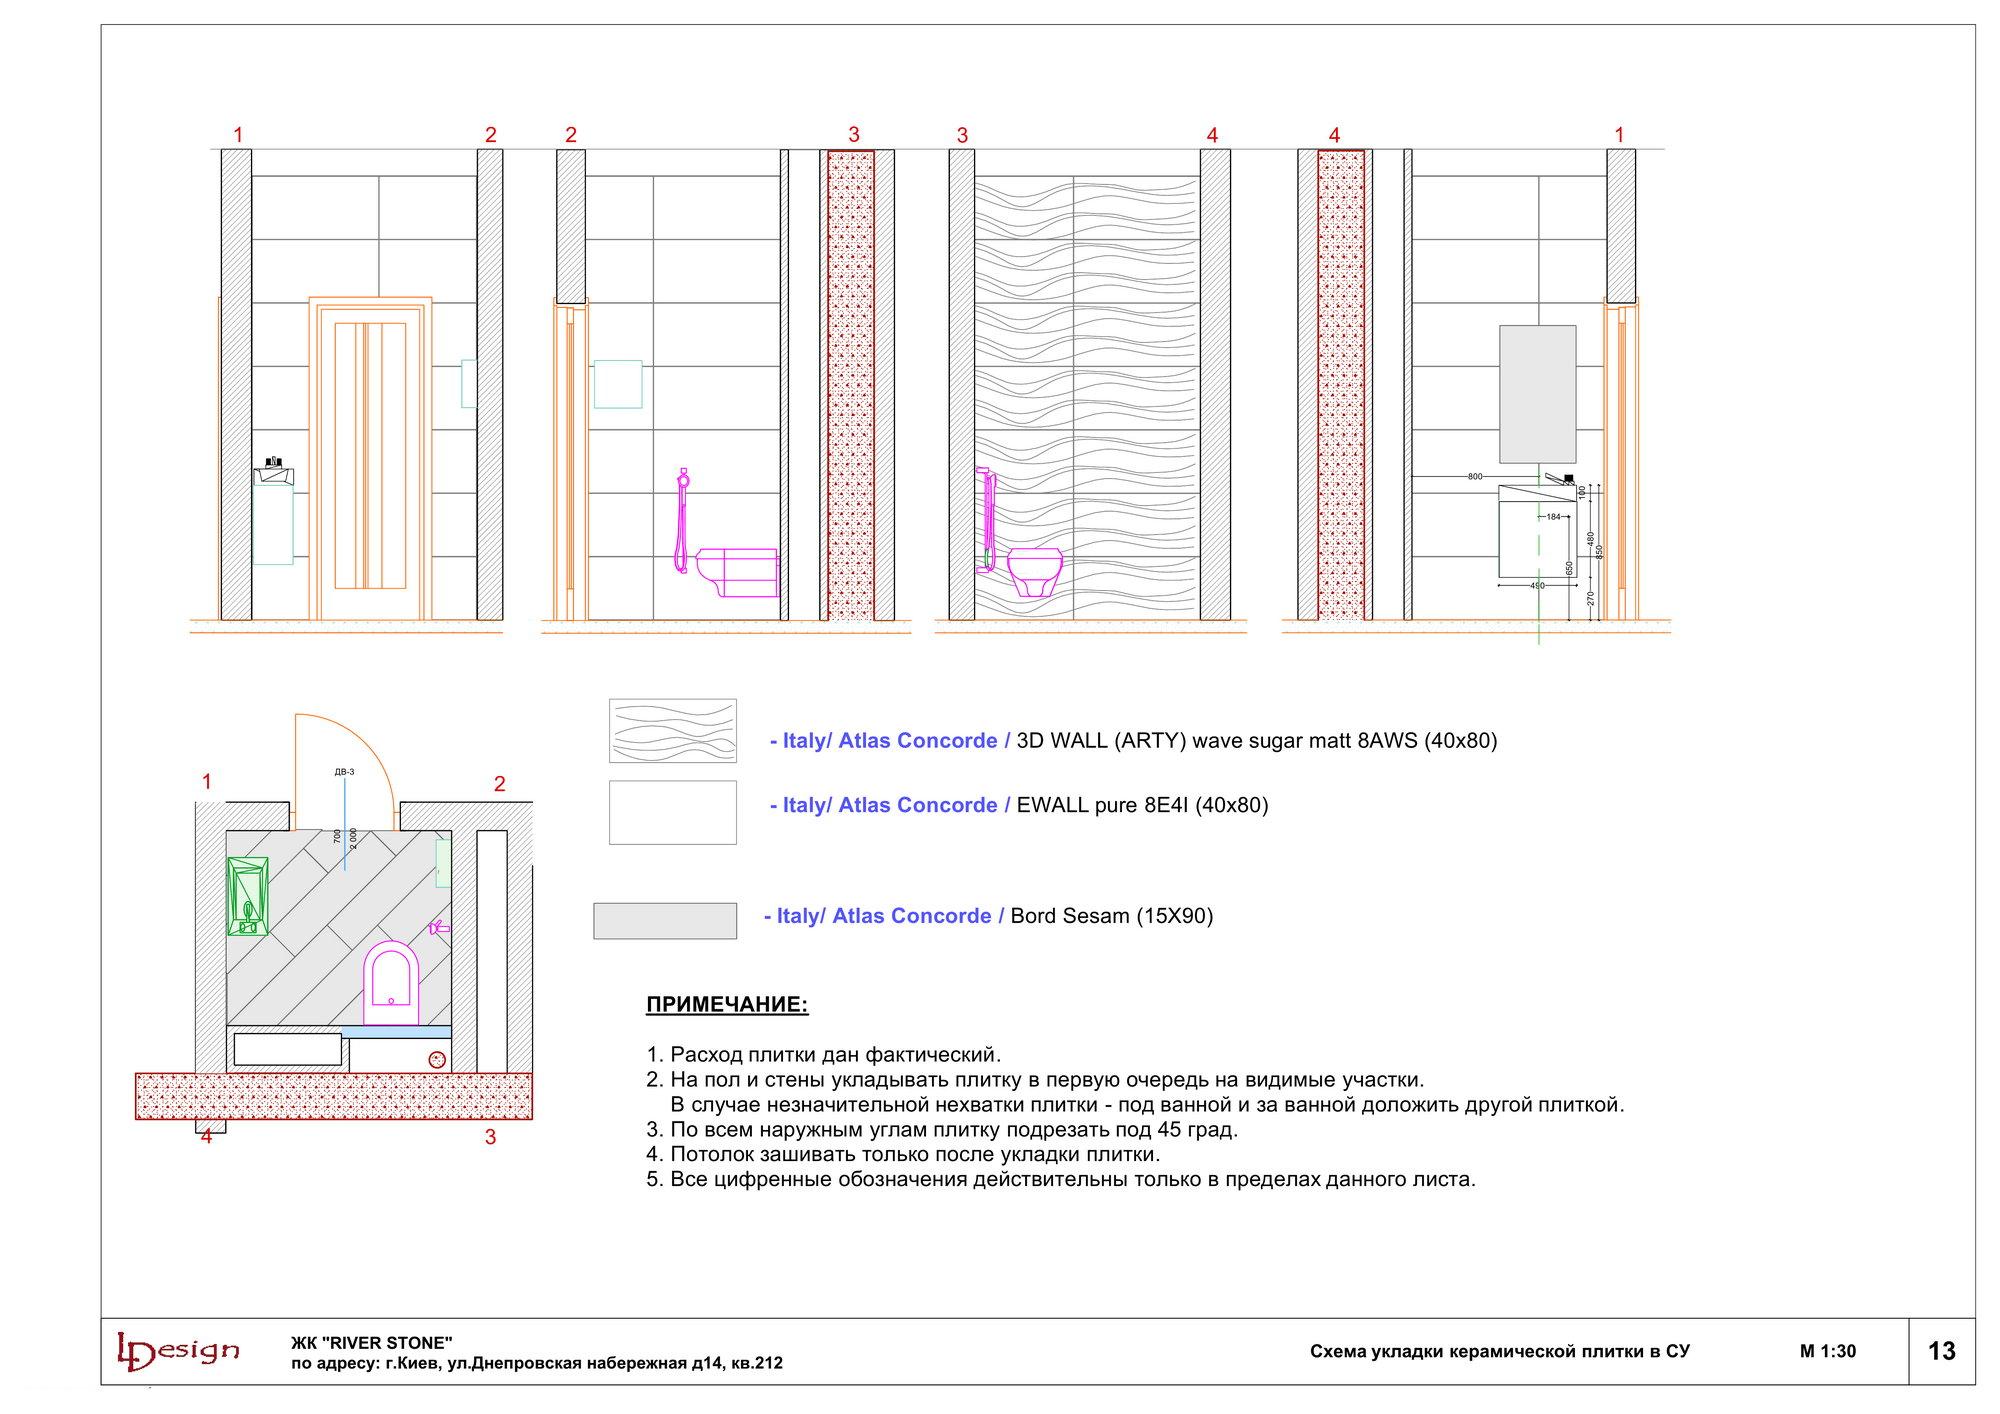 Схема укладки кафельной плитки на стены